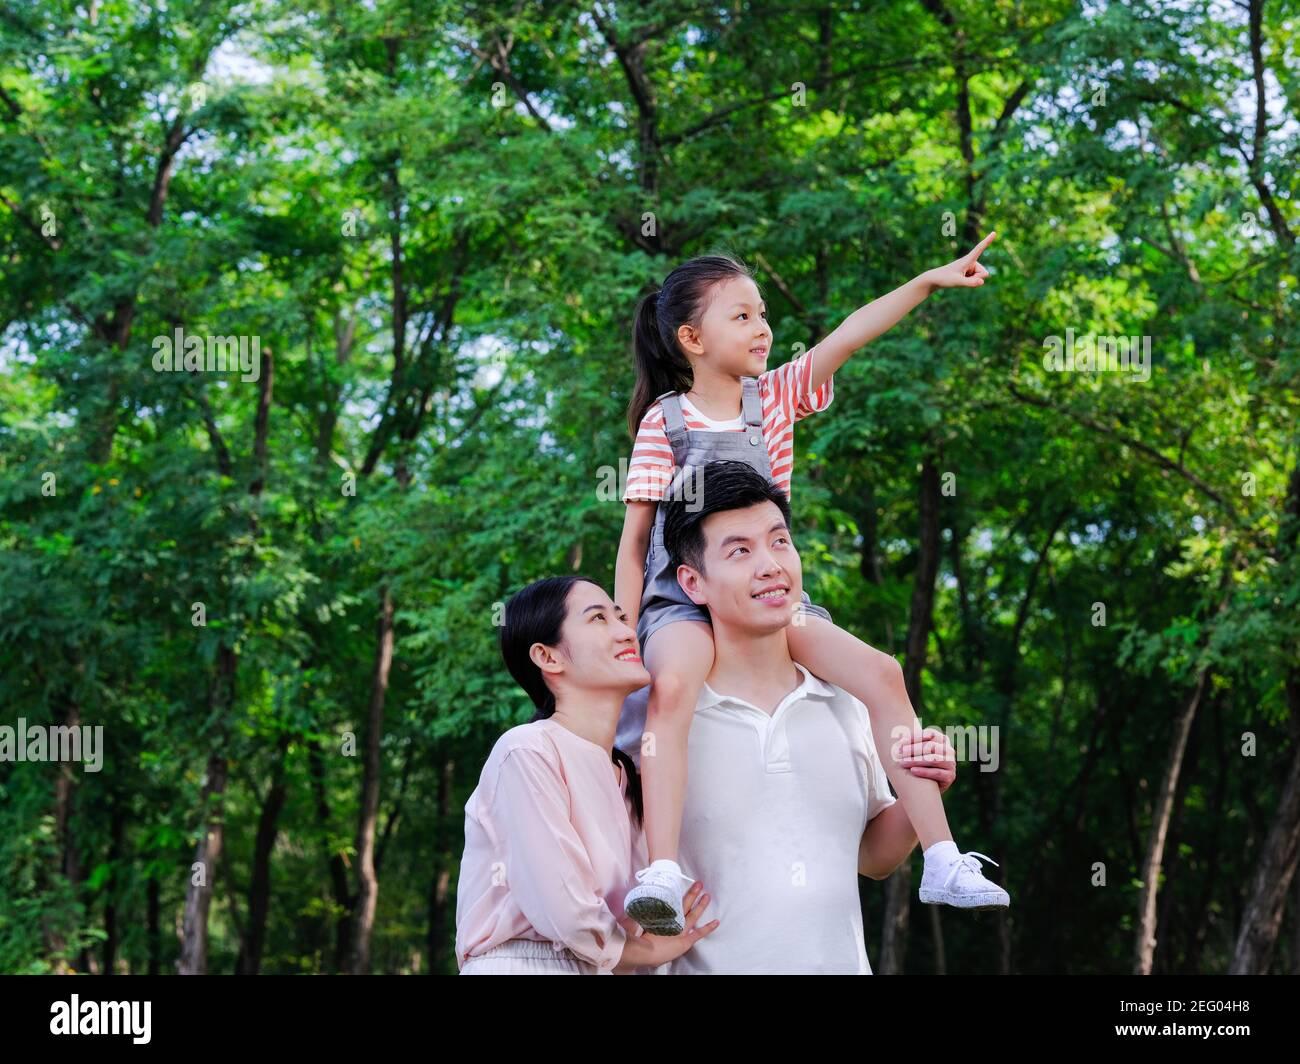 Famille heureuse de trois personnes debout dans le parc pointant Banque D'Images